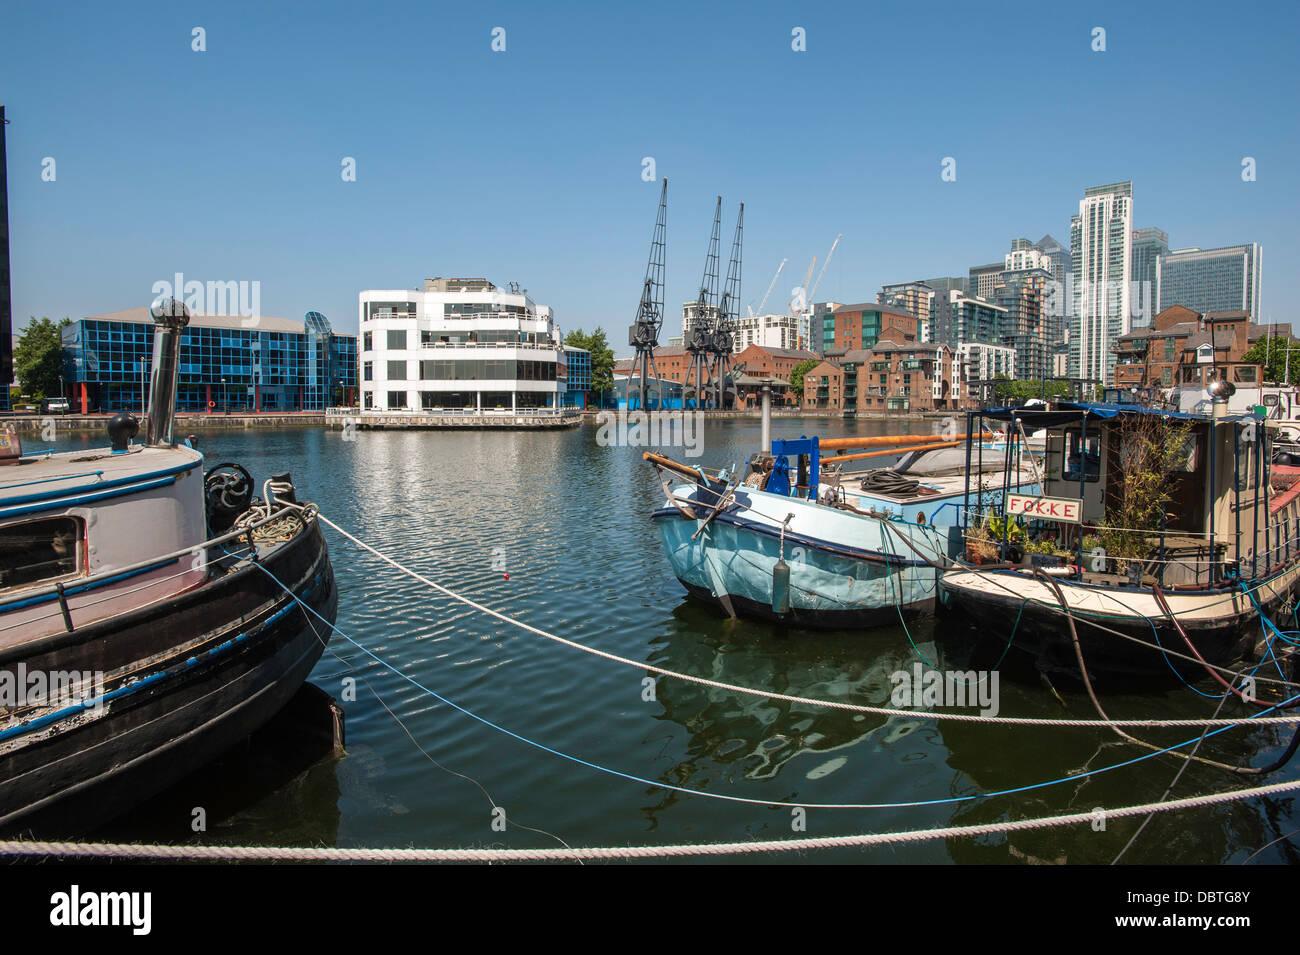 Docklands E14 England - Stock Image